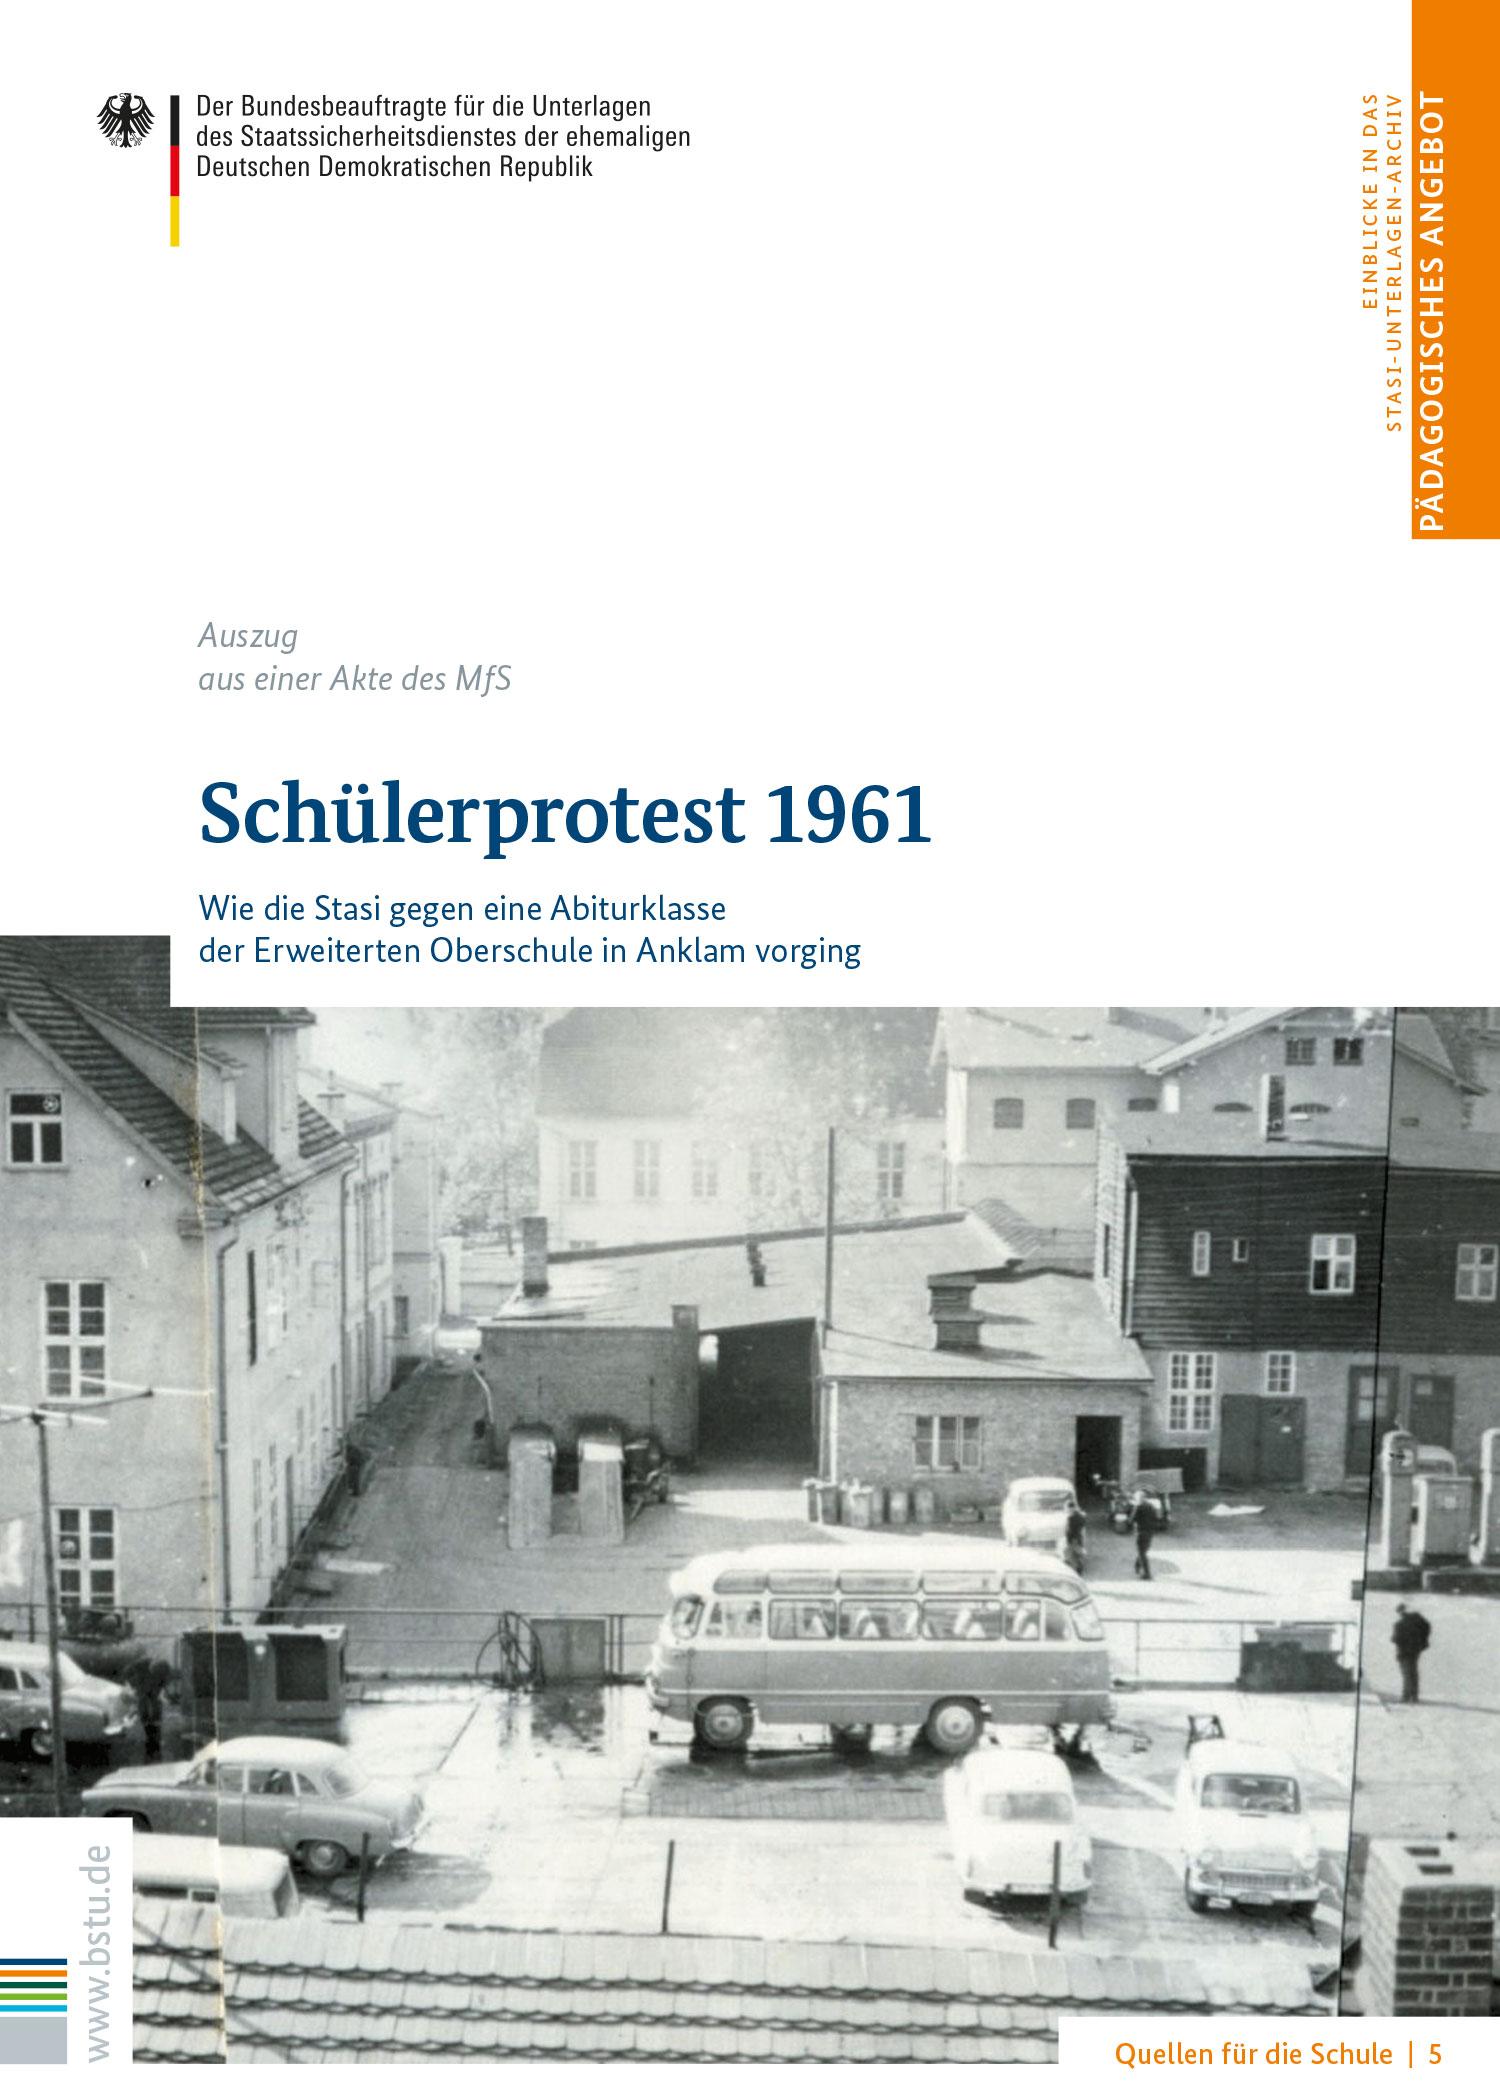 Quellen für die Schule 5: Schülerprotest 1961